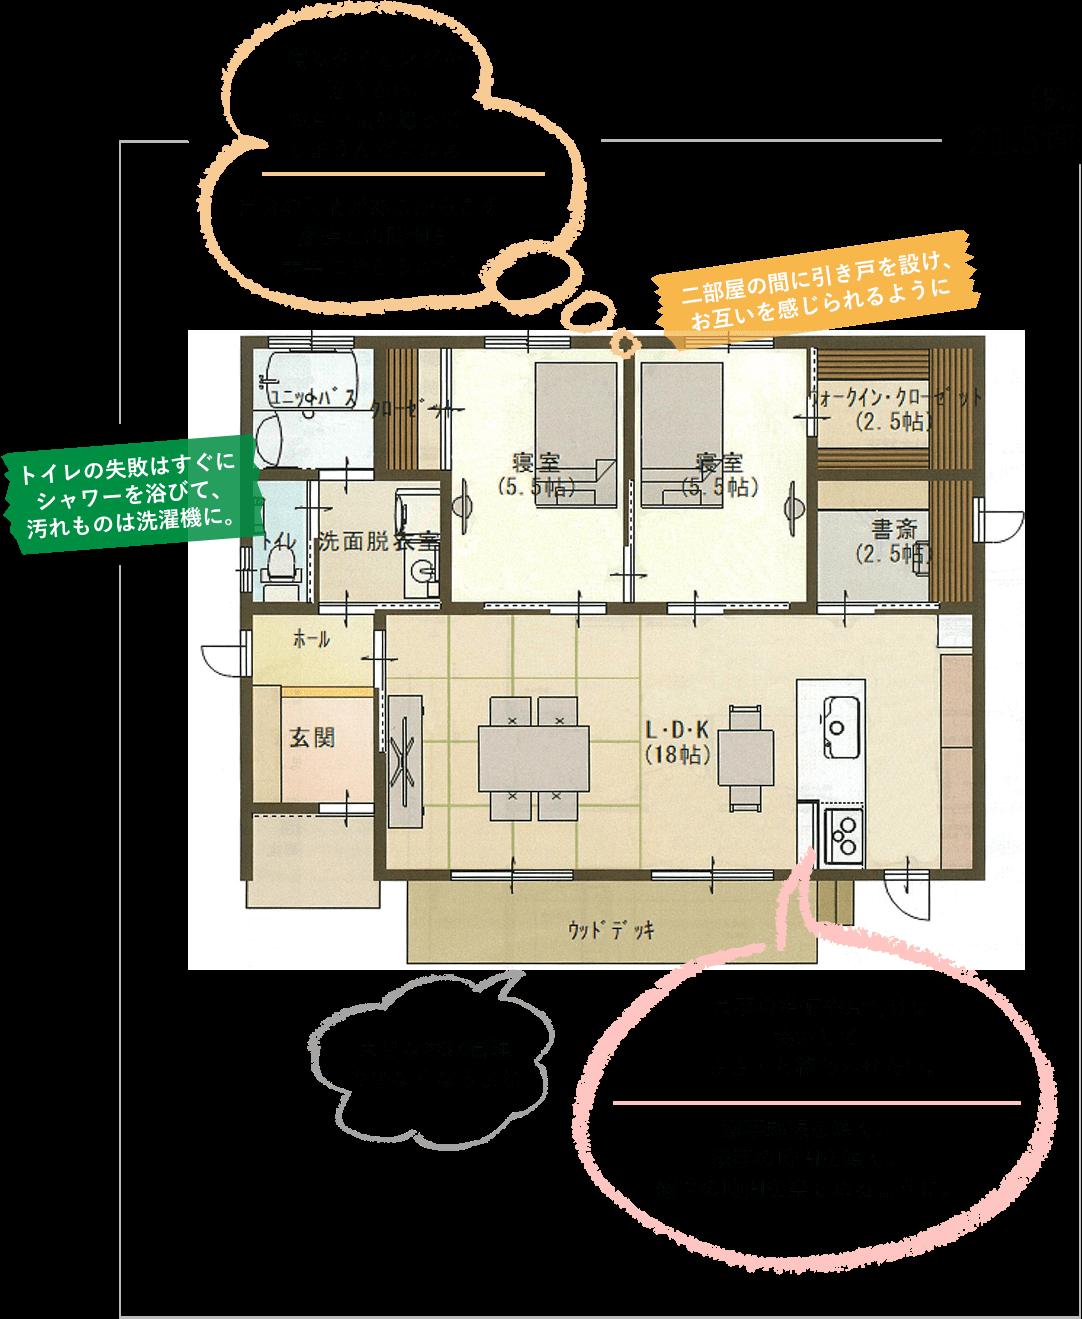 土屋建設の家づくり16